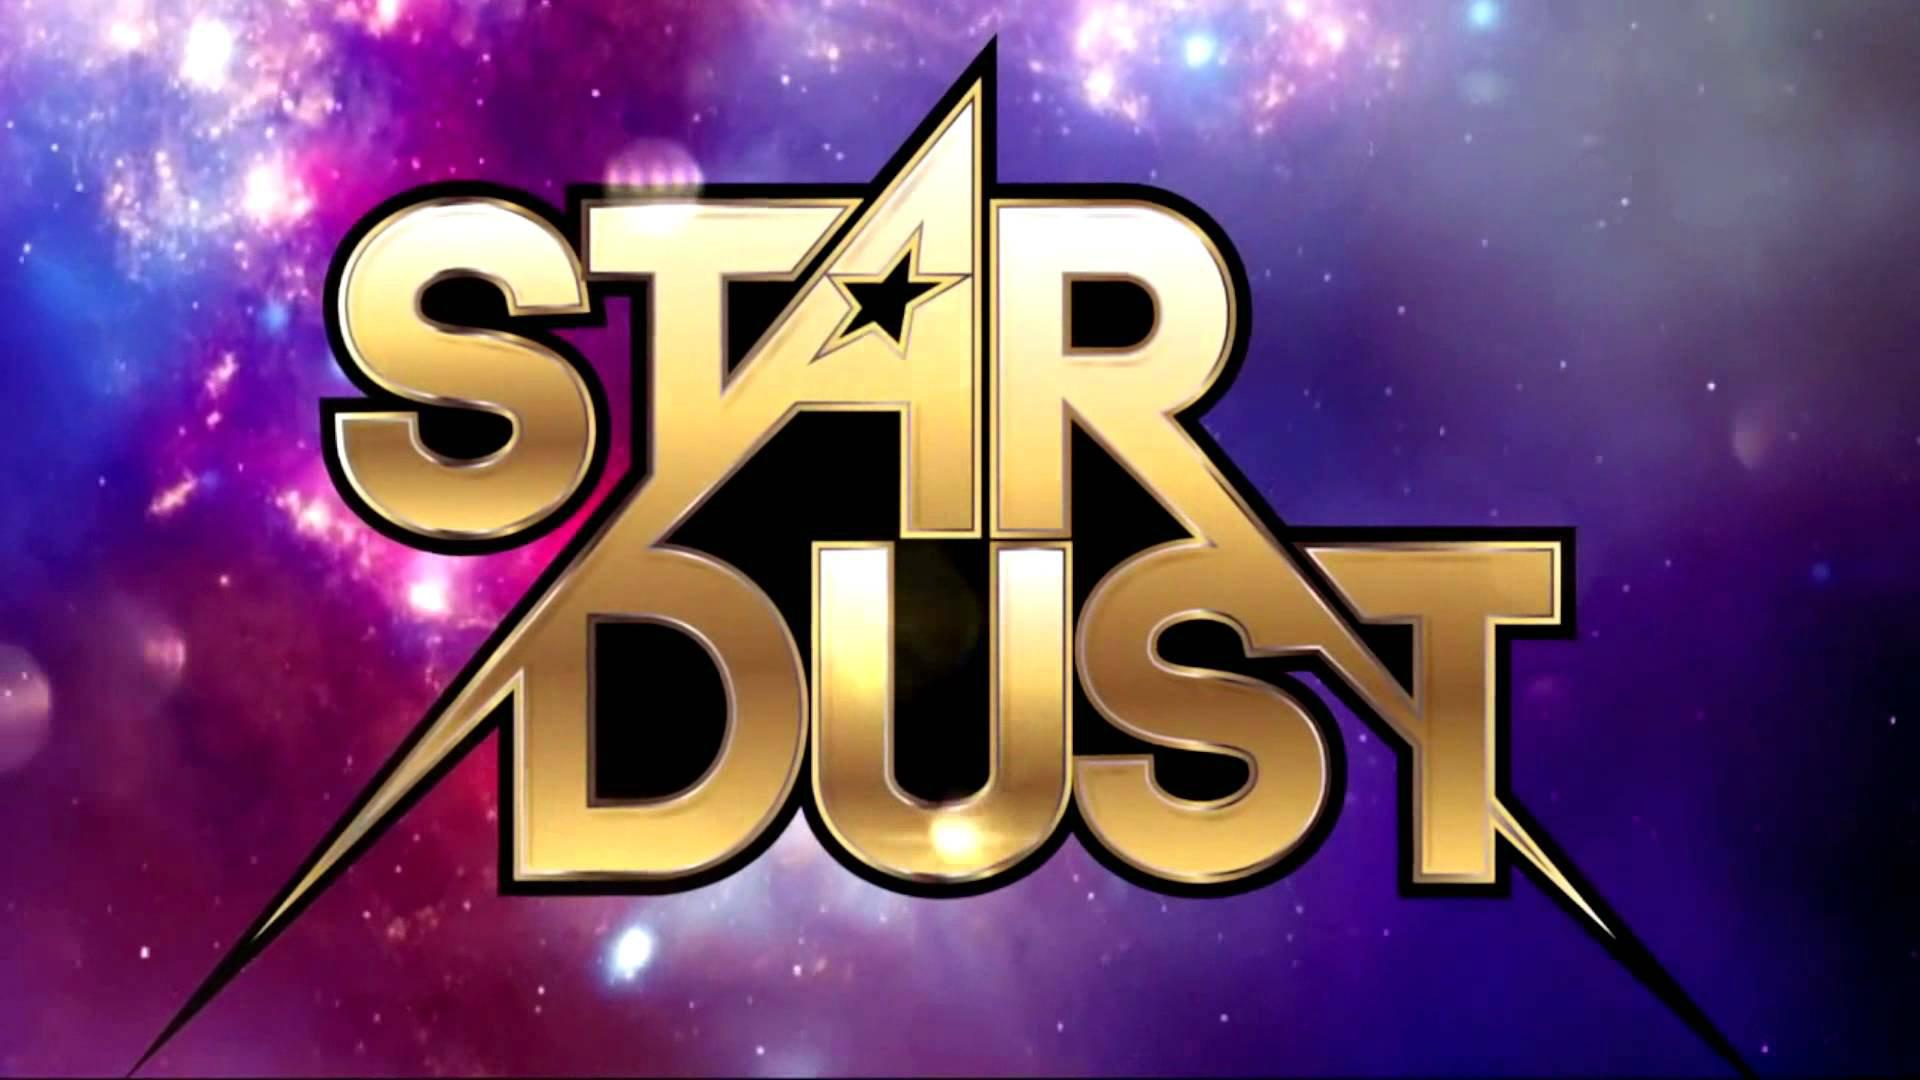 WWE Stardust Wallpaper for Desktop